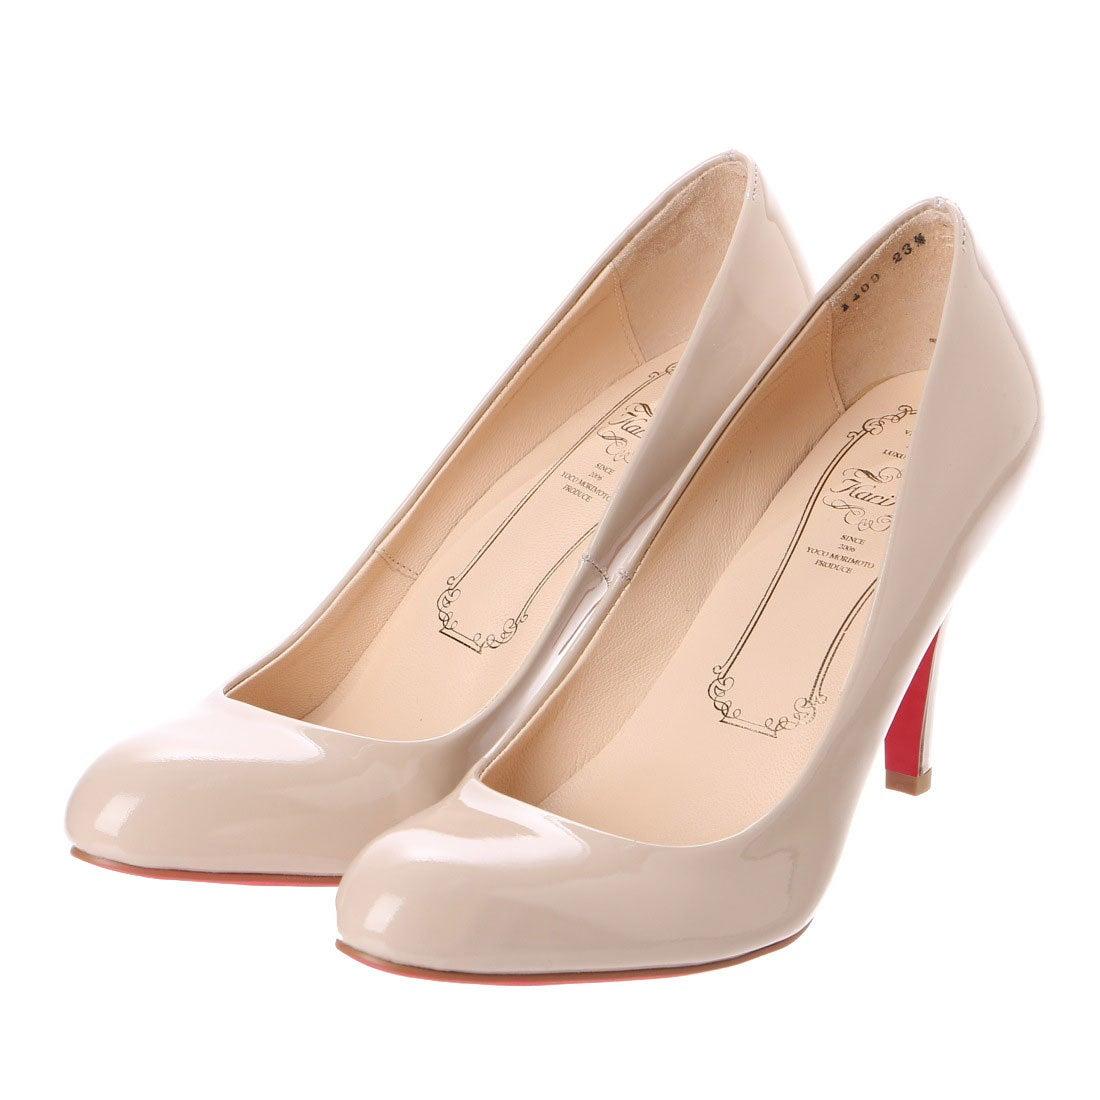 カリアング Kari Ang アーモンドトゥプレーンパンプス (ベージュエナメル) ,靴&ファッション通販 ロコンド〜自宅で試着、気軽に返品